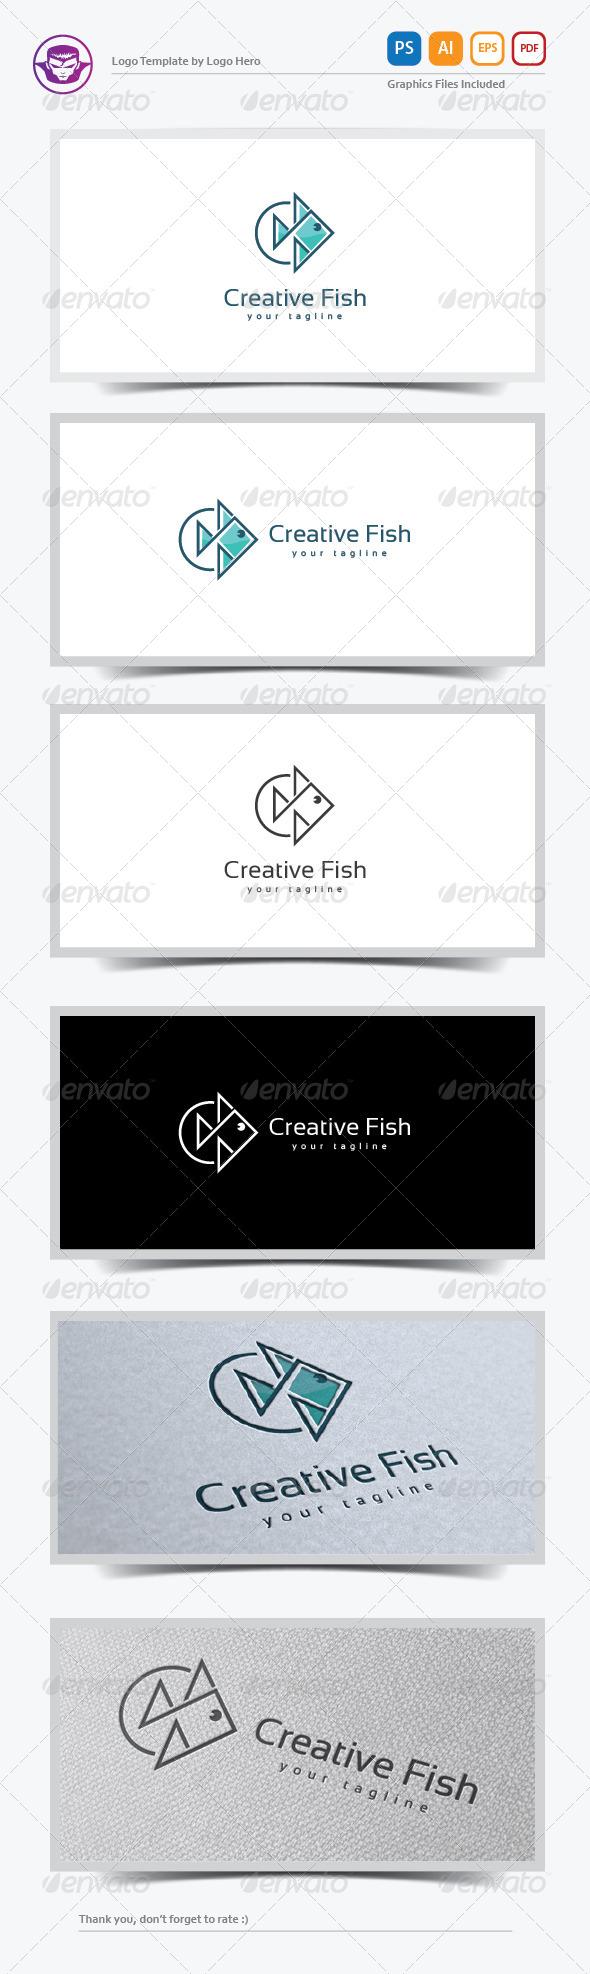 GraphicRiver Creative Fish Logo Template 8152264